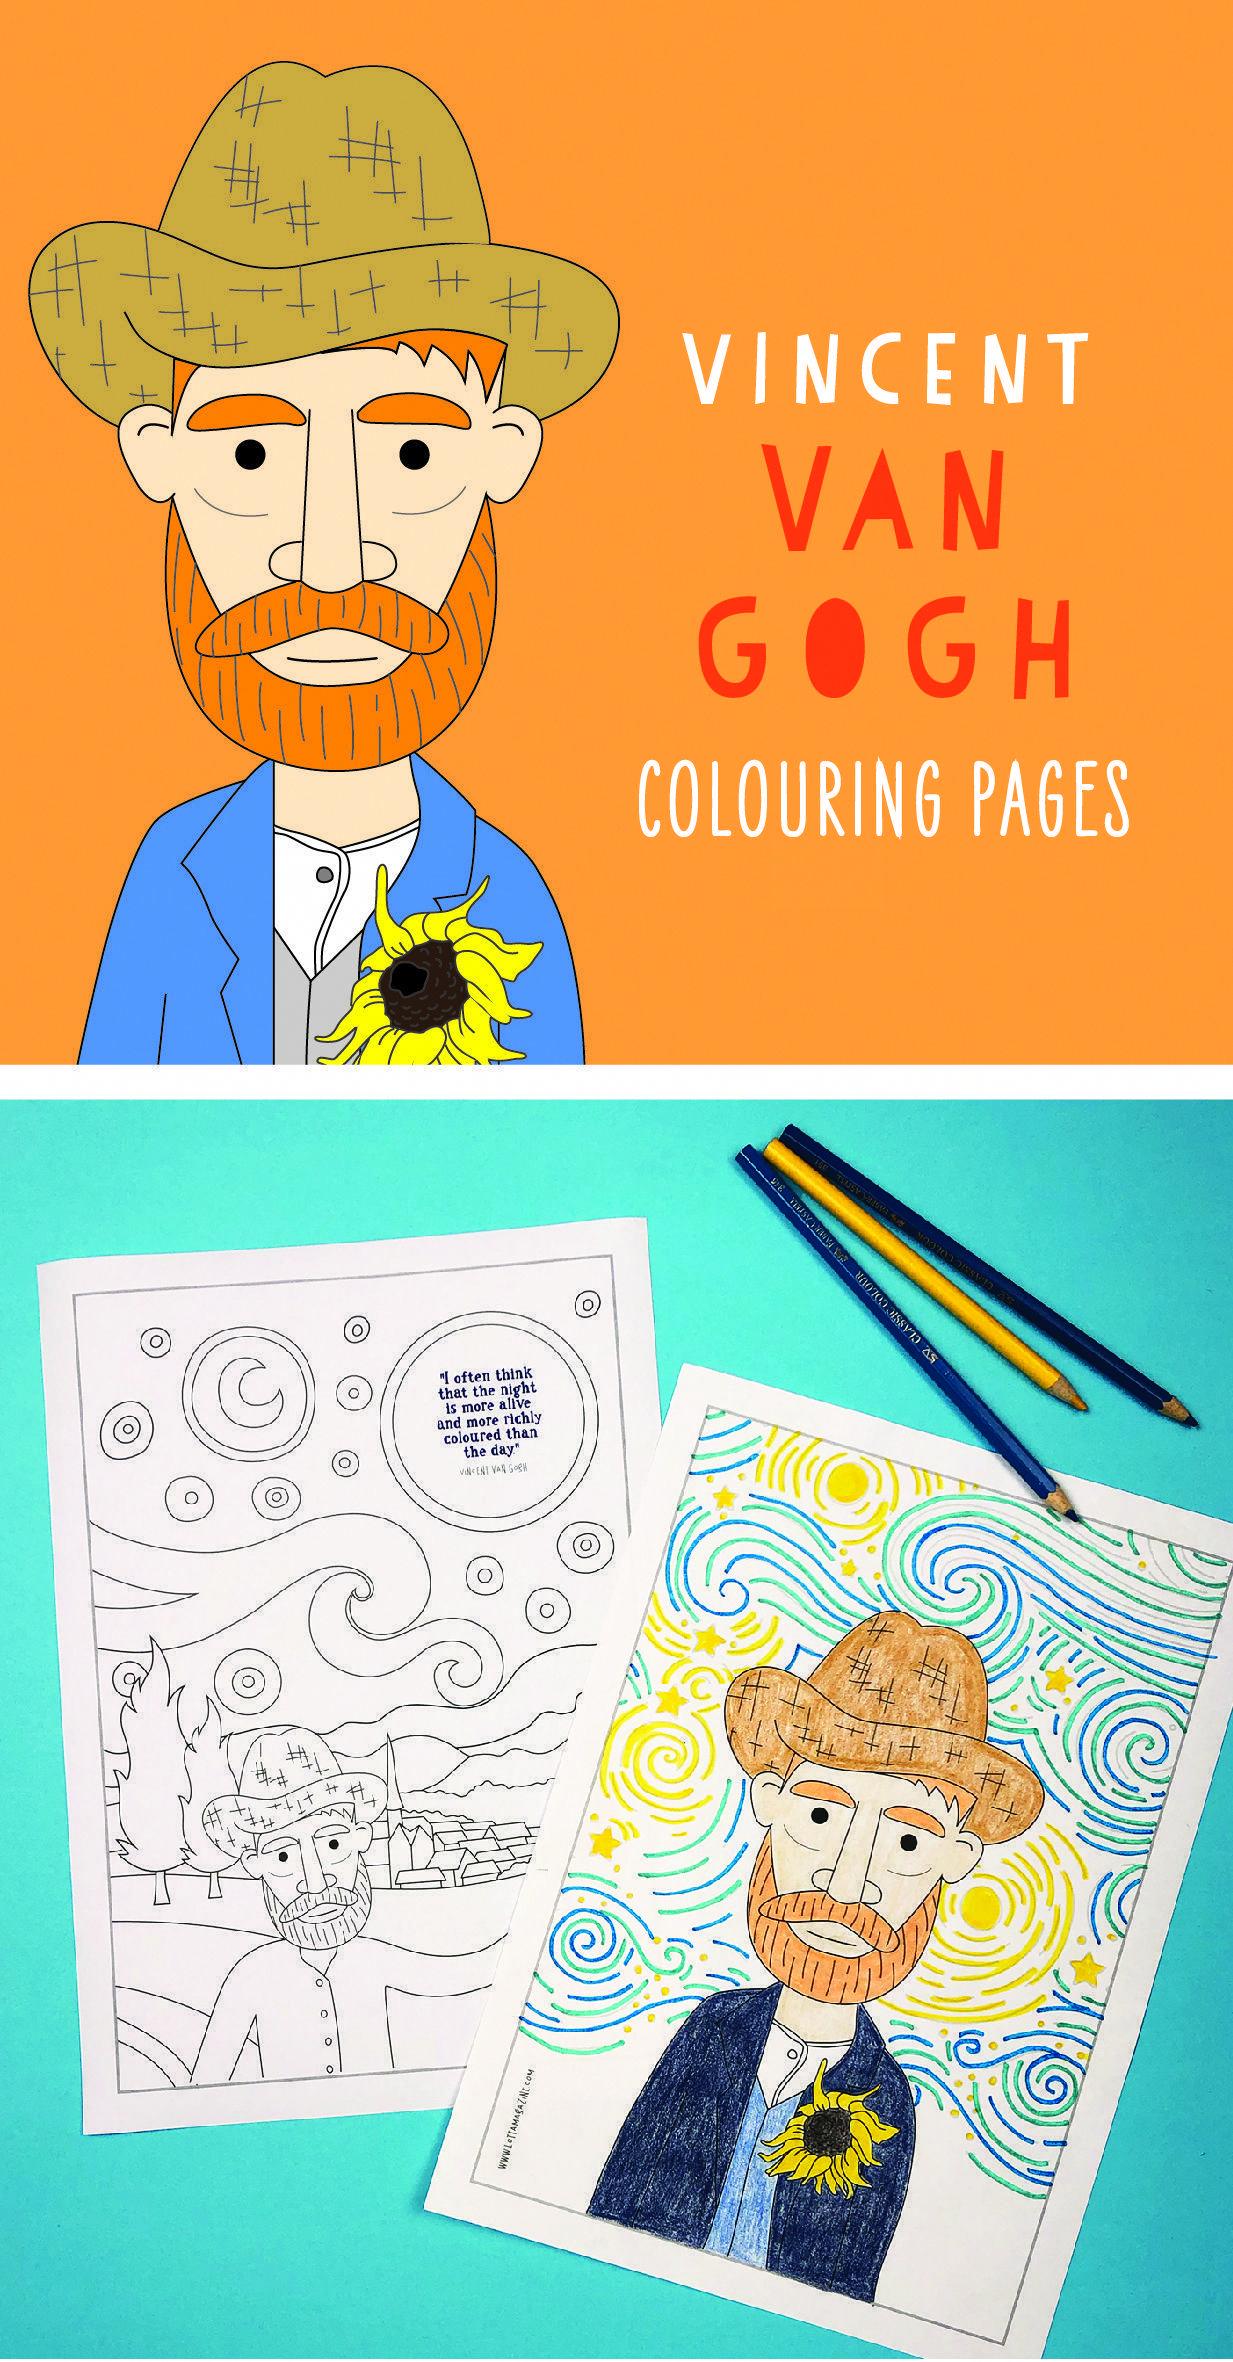 Vincent Van Gogh Colouring Pages For Kids An Easy Art History Activity For Kids Preschoolartpro Kunst Voor Kinderen Kleurplaten Voor Kinderen Kunst Kinderen